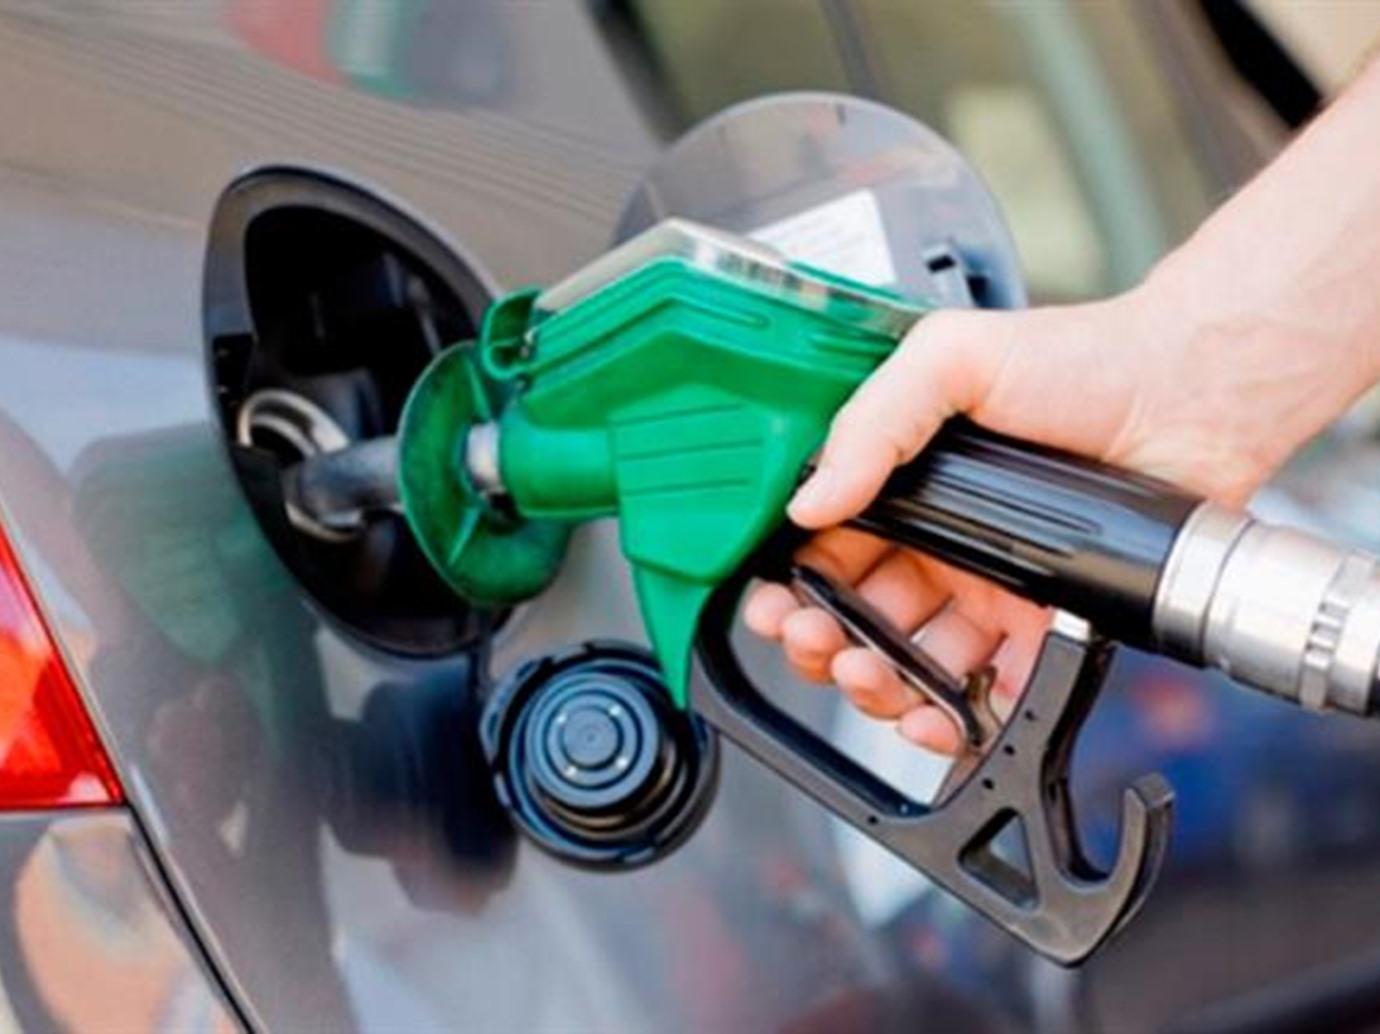 أربيل أول محافظة تعمل على تغيير أنظمة سياراتها من البنزين للغاز